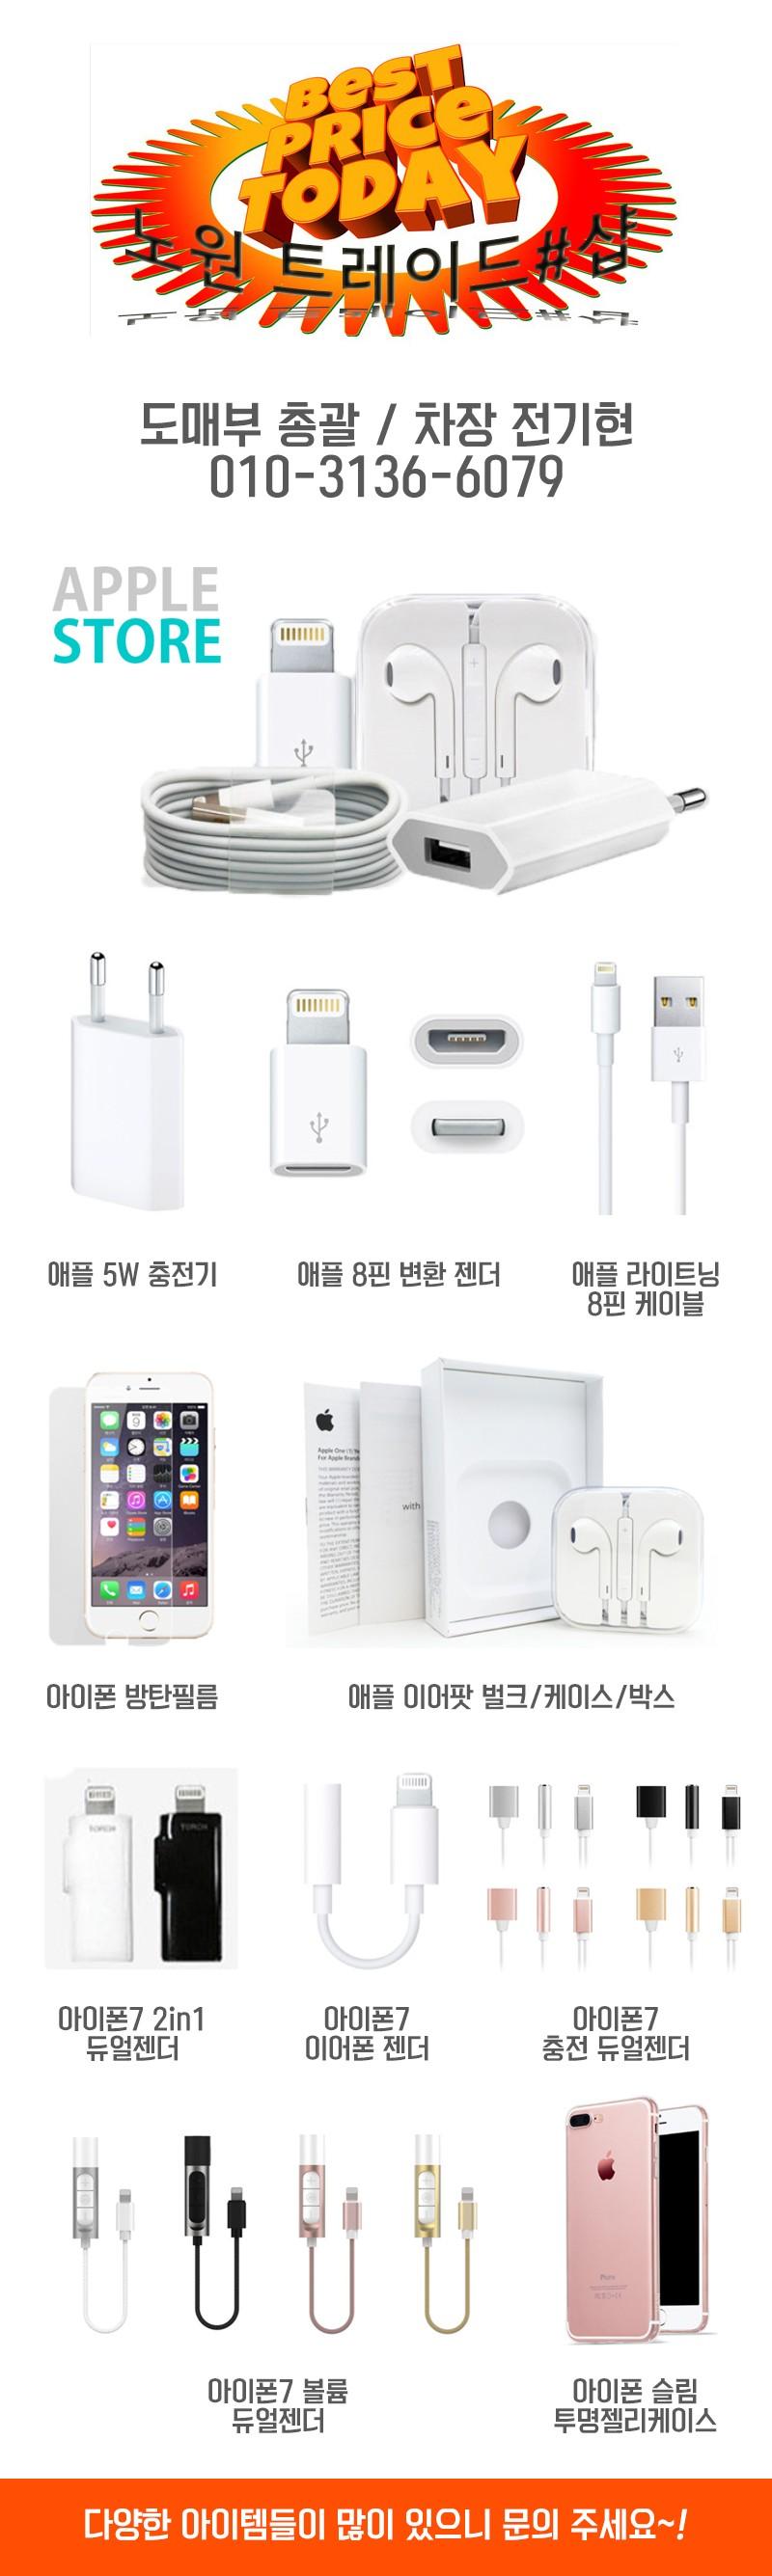 애플정품 충전기,이어팟,케이블 등 각종정품악세사리 도매최저가로 공급해드립니다.